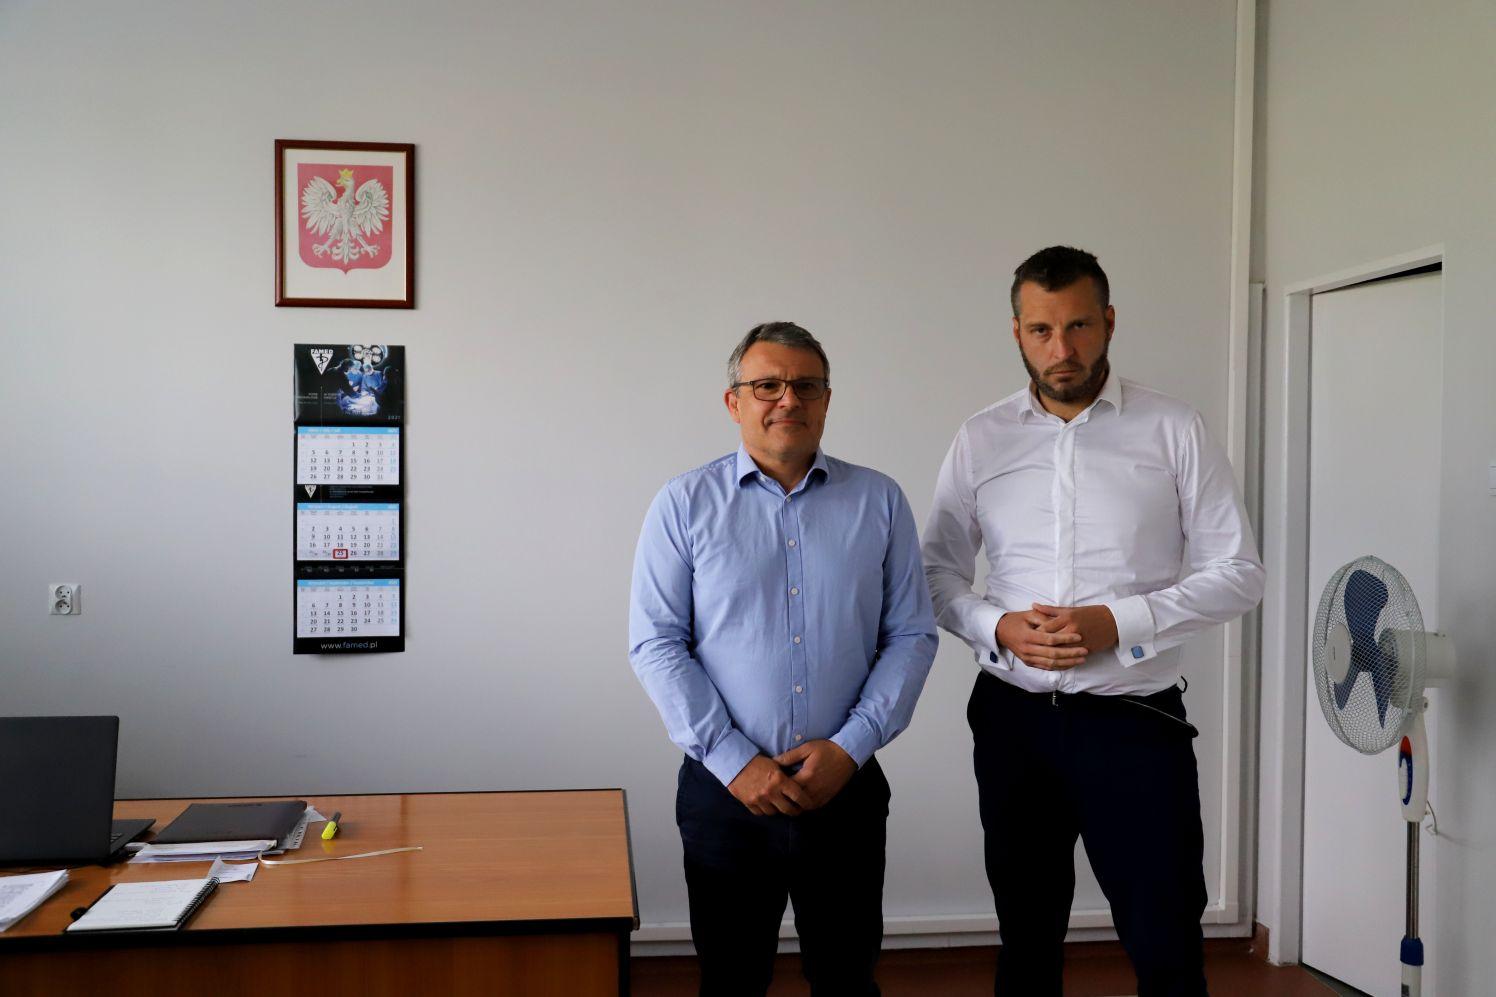 Radny Serenda mianowany zastępcą dyrektora w kutnowskim szpitalu. Za co będzie odpowiadał? [ZDJĘCIA] - Zdjęcie główne